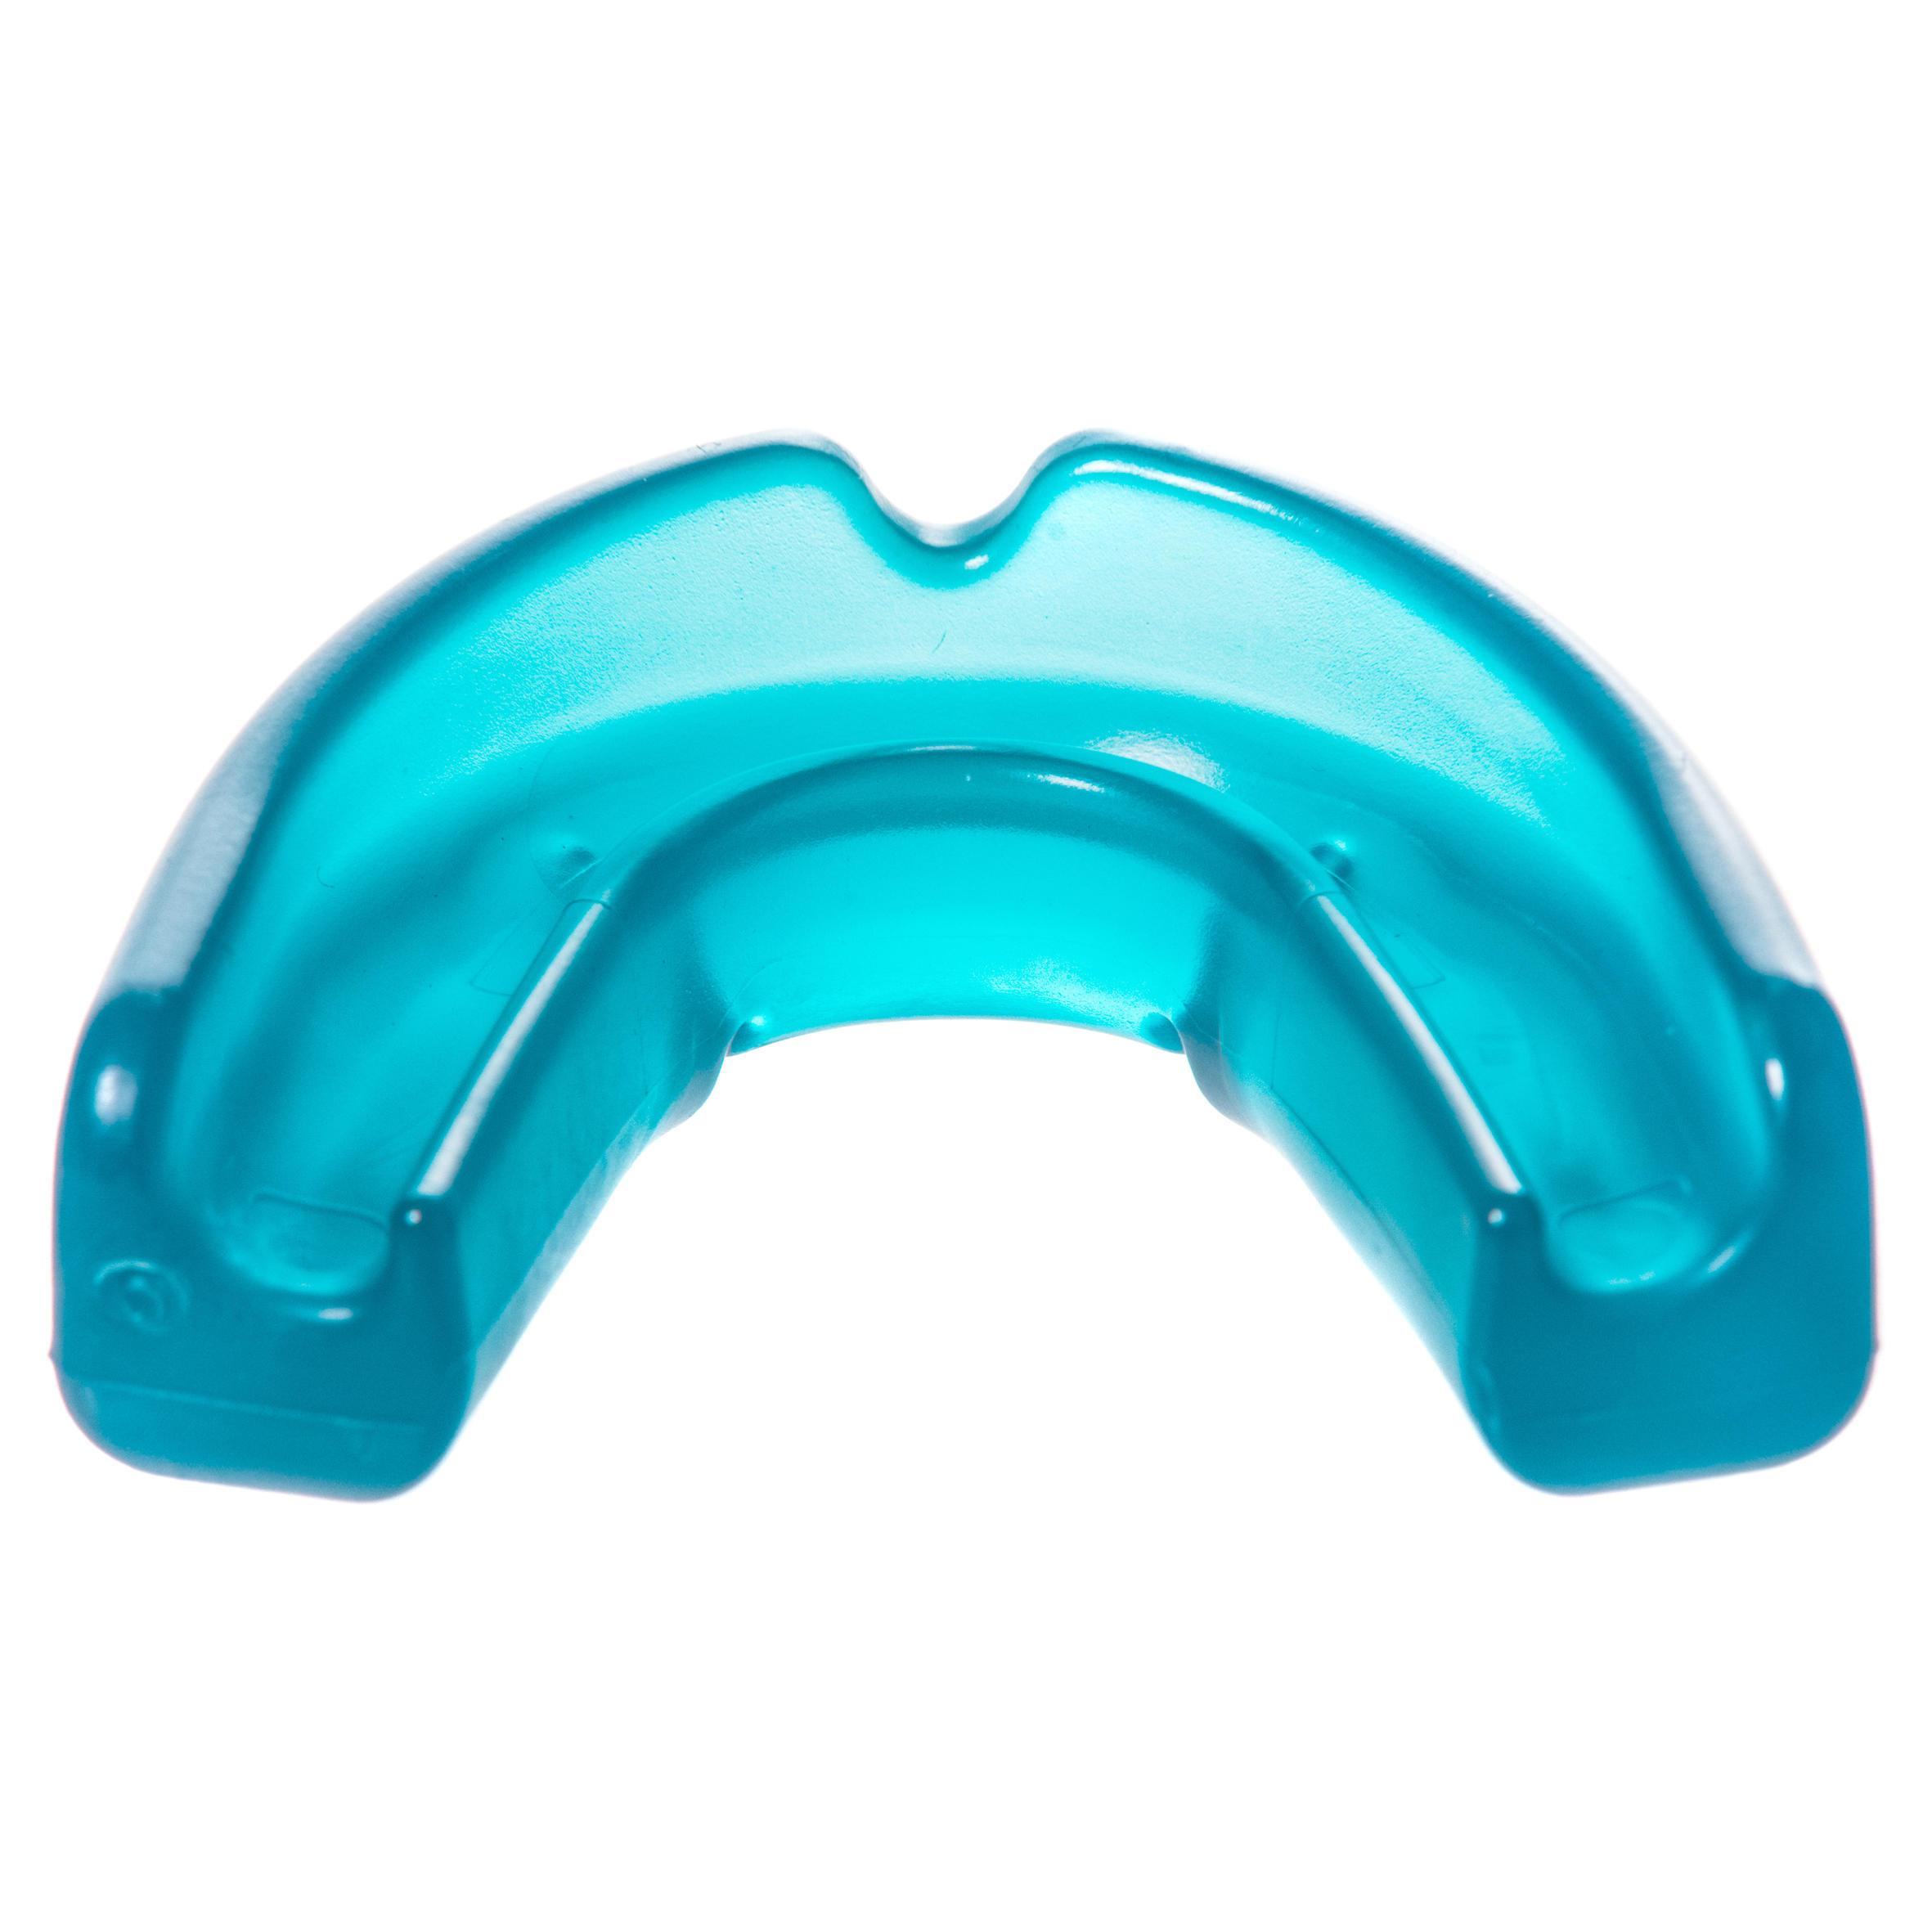 Protecţie dinţi FH100 imagine produs